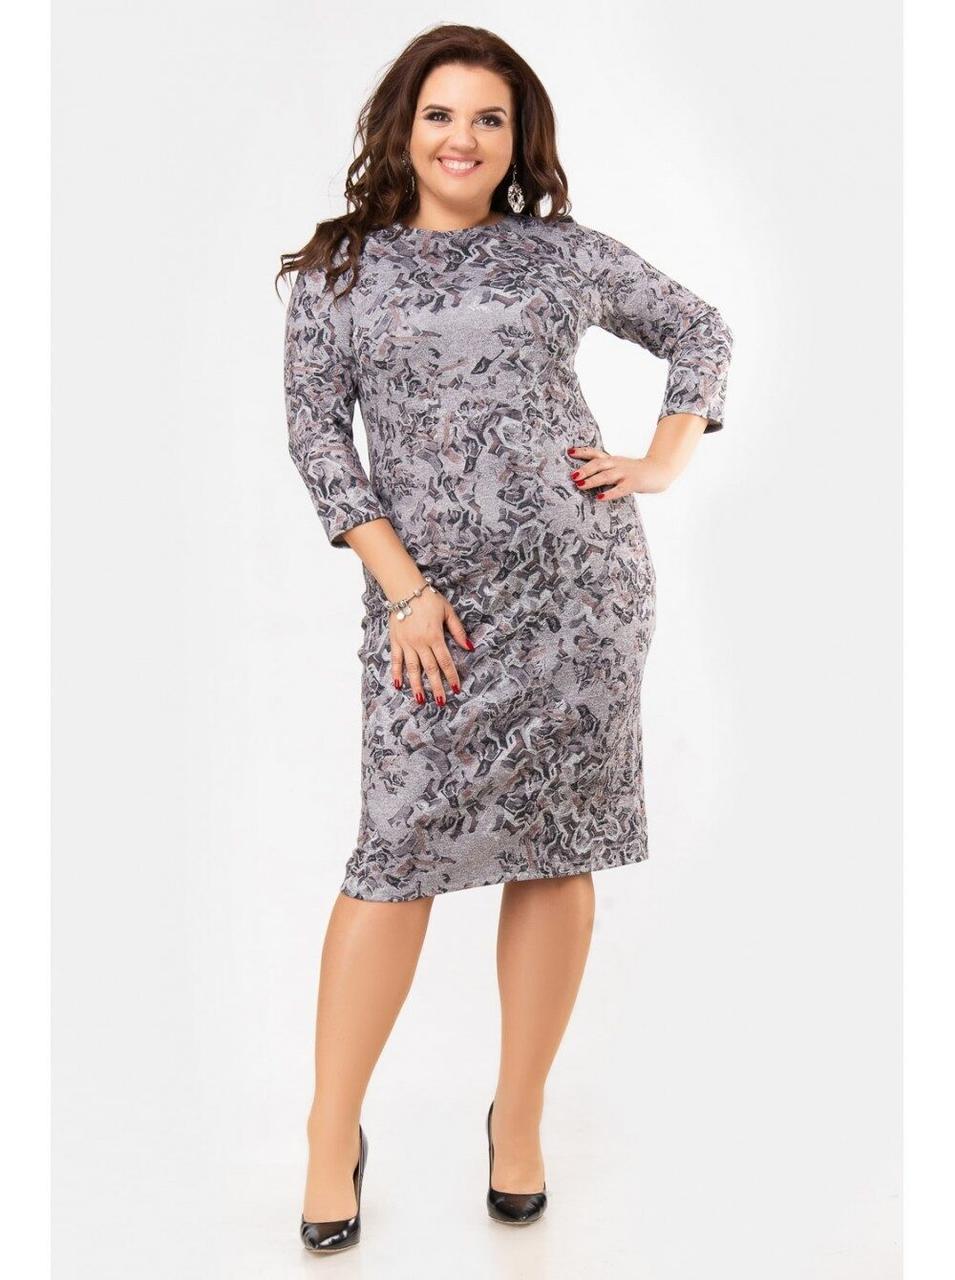 """Стильное женское платье с геометричным принтом ткань мягкая """"Ангора""""с 52, 56 размеры баталы"""